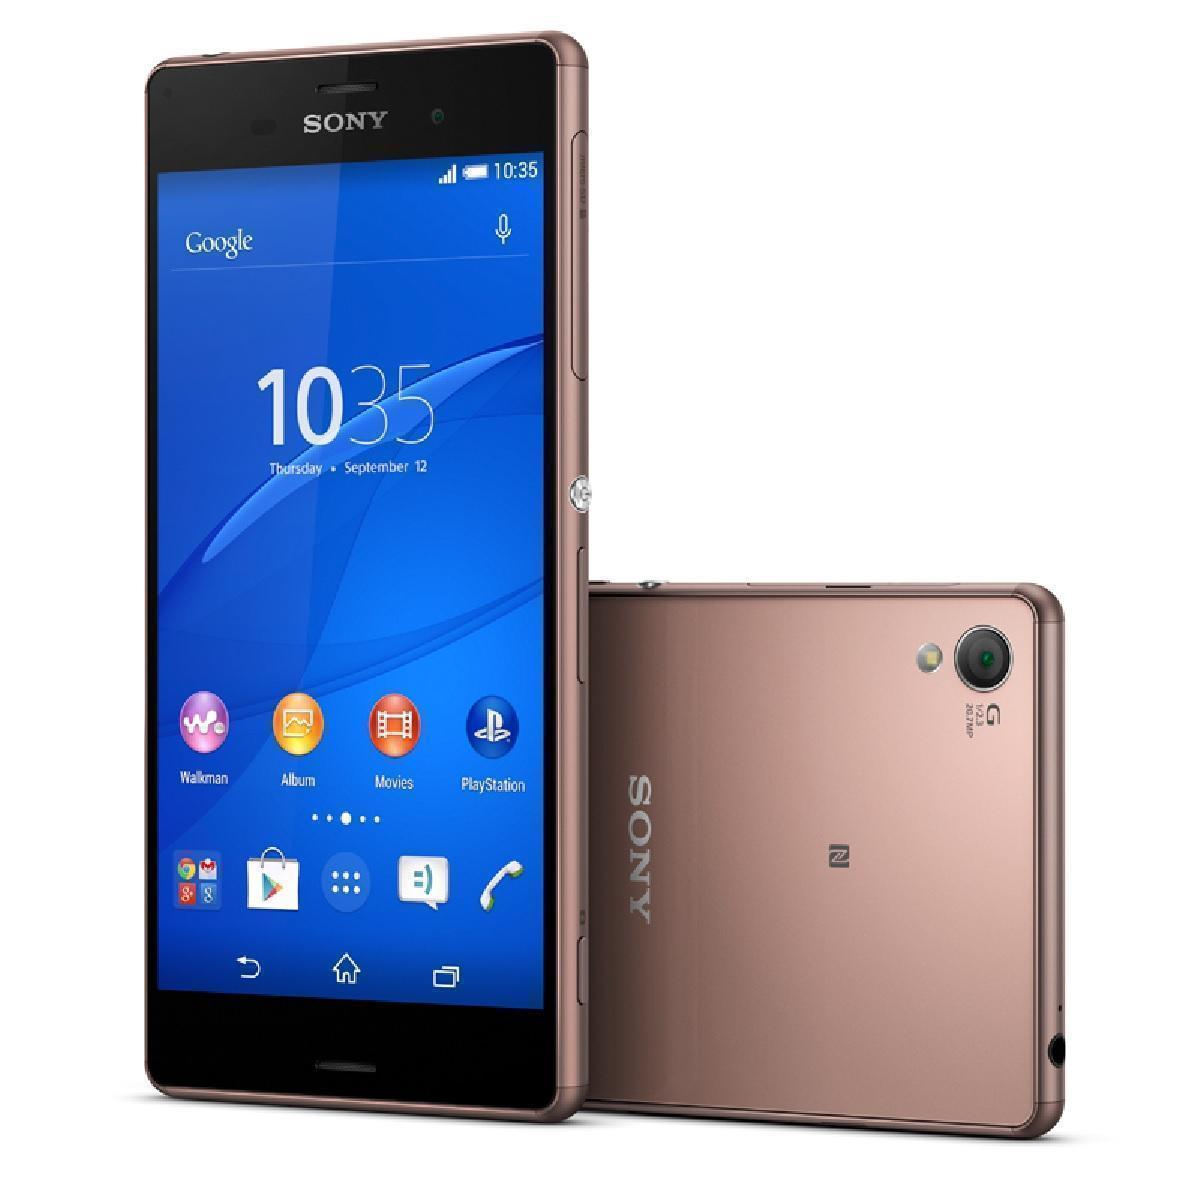 Sony Xperia Z3+ 32GB - Braun - Ohne Vertrag